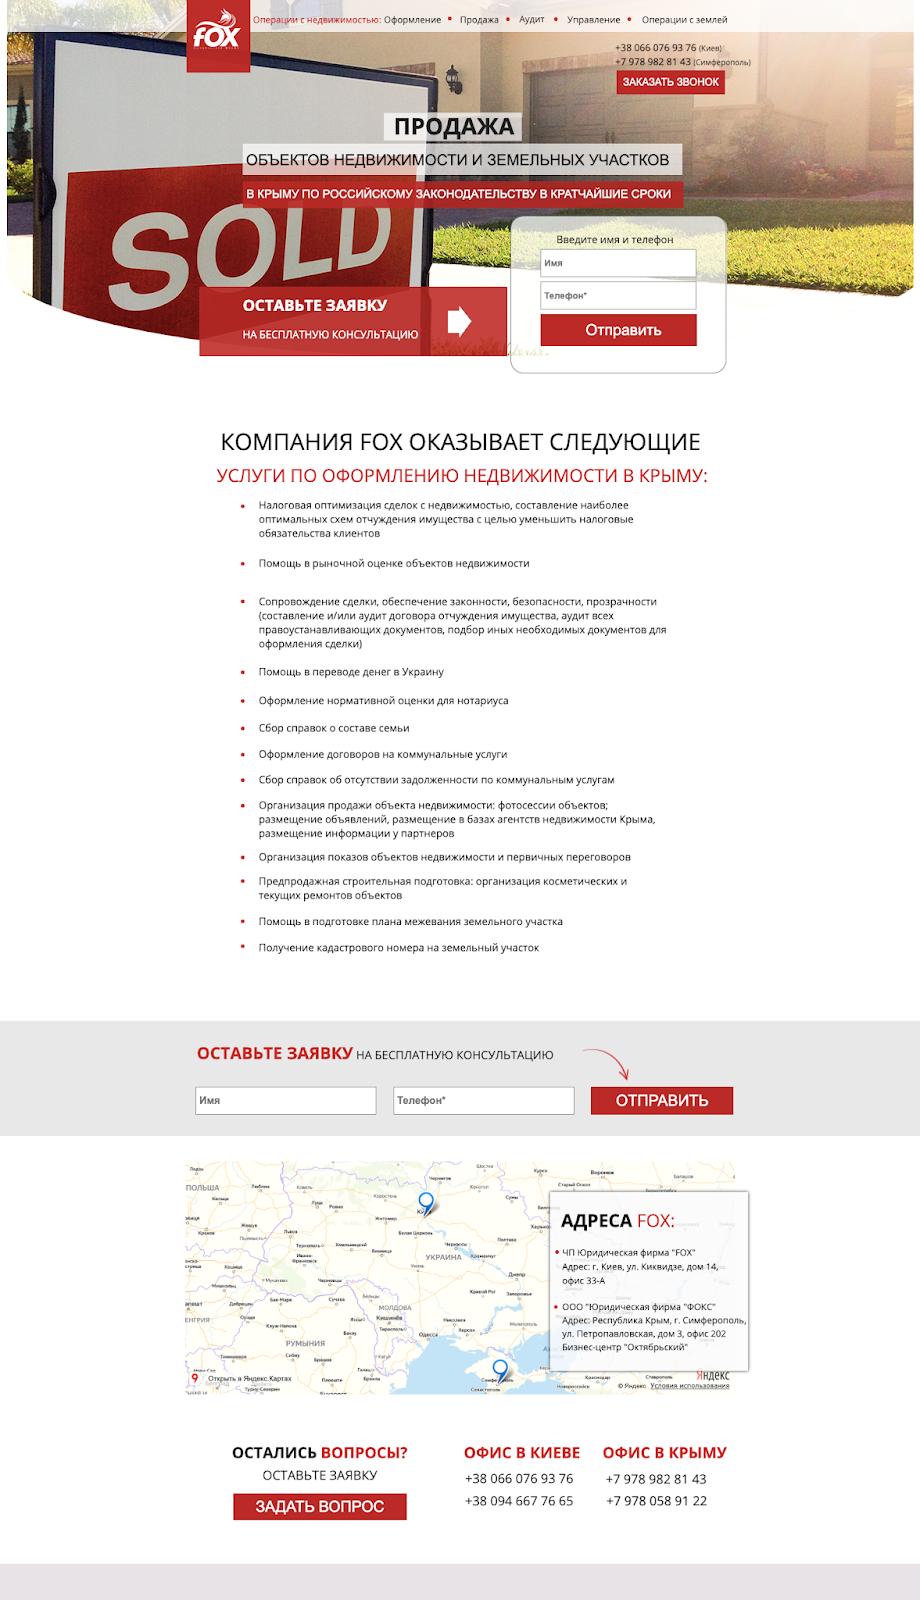 Розробка веб-сайту послуги з продажу, оформлення, управління нерухомістю (ng0101069)